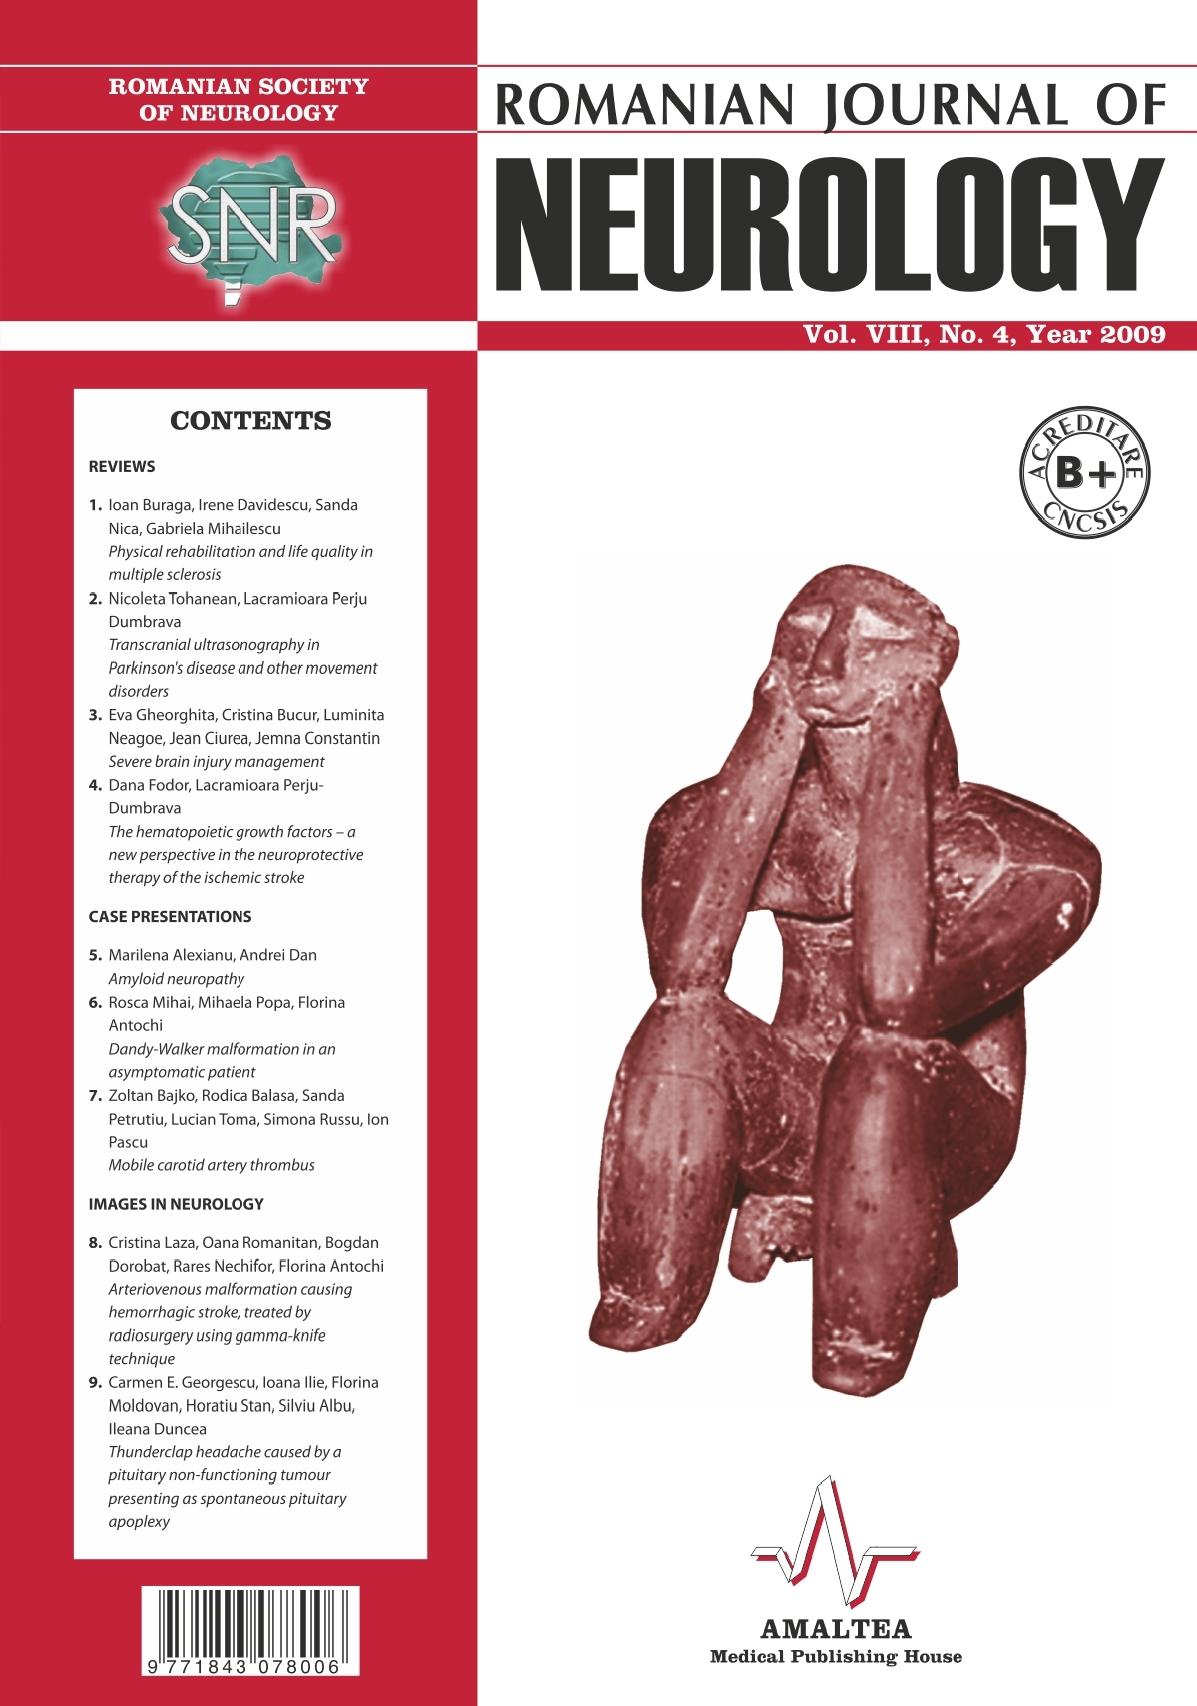 Romanian Journal of Neurology, Volume VIII, No. 4, 2009